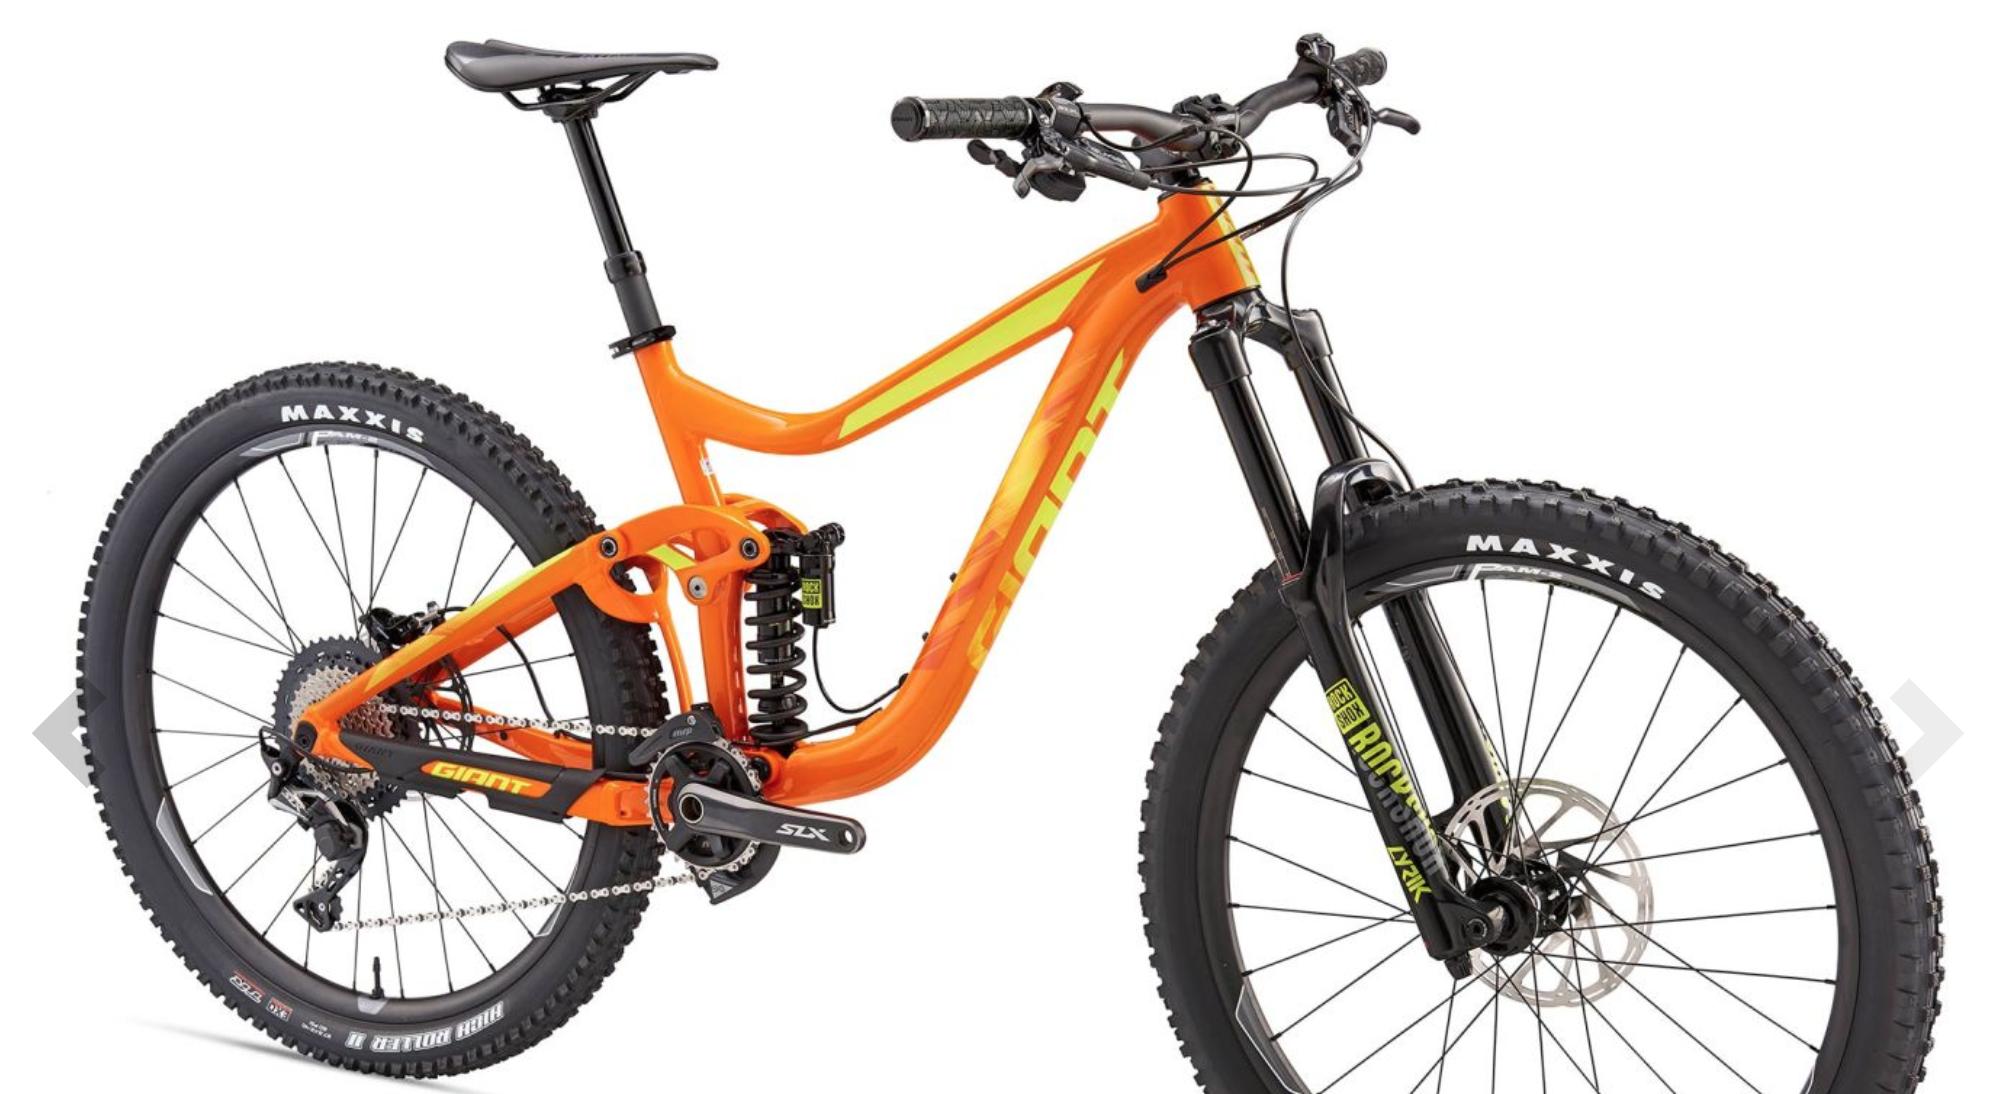 The Best Mountain Bikes Of 2019 So Far Best Mountain Bikes